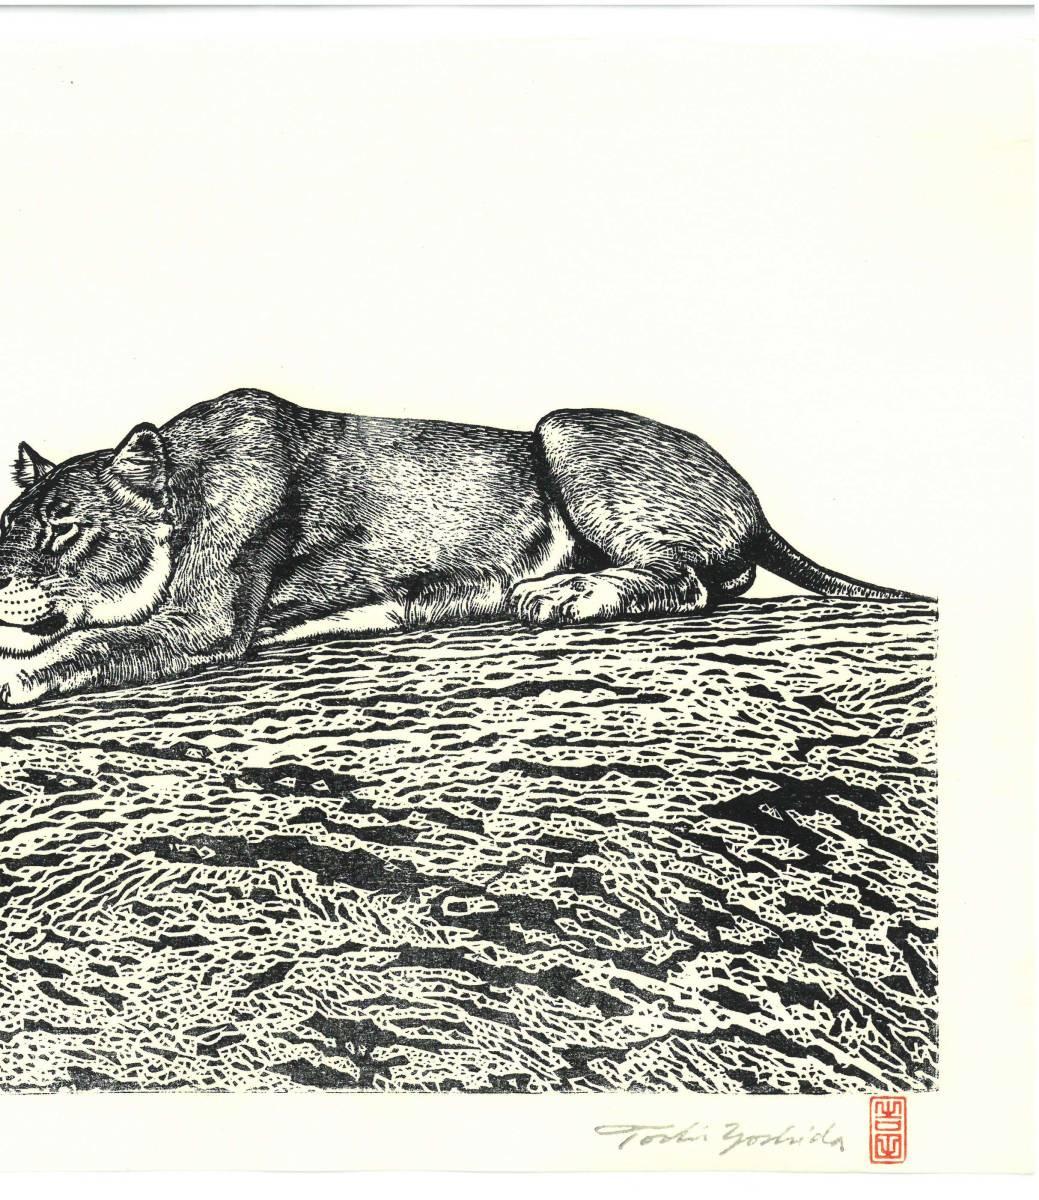 吉田遠志 (Yoshida Toshi) 木版画  ライオン#2 (Lion2)  最高峰の摺師の技をご堪能下さい!!  希少作品 残数枚のみ!!_画像5